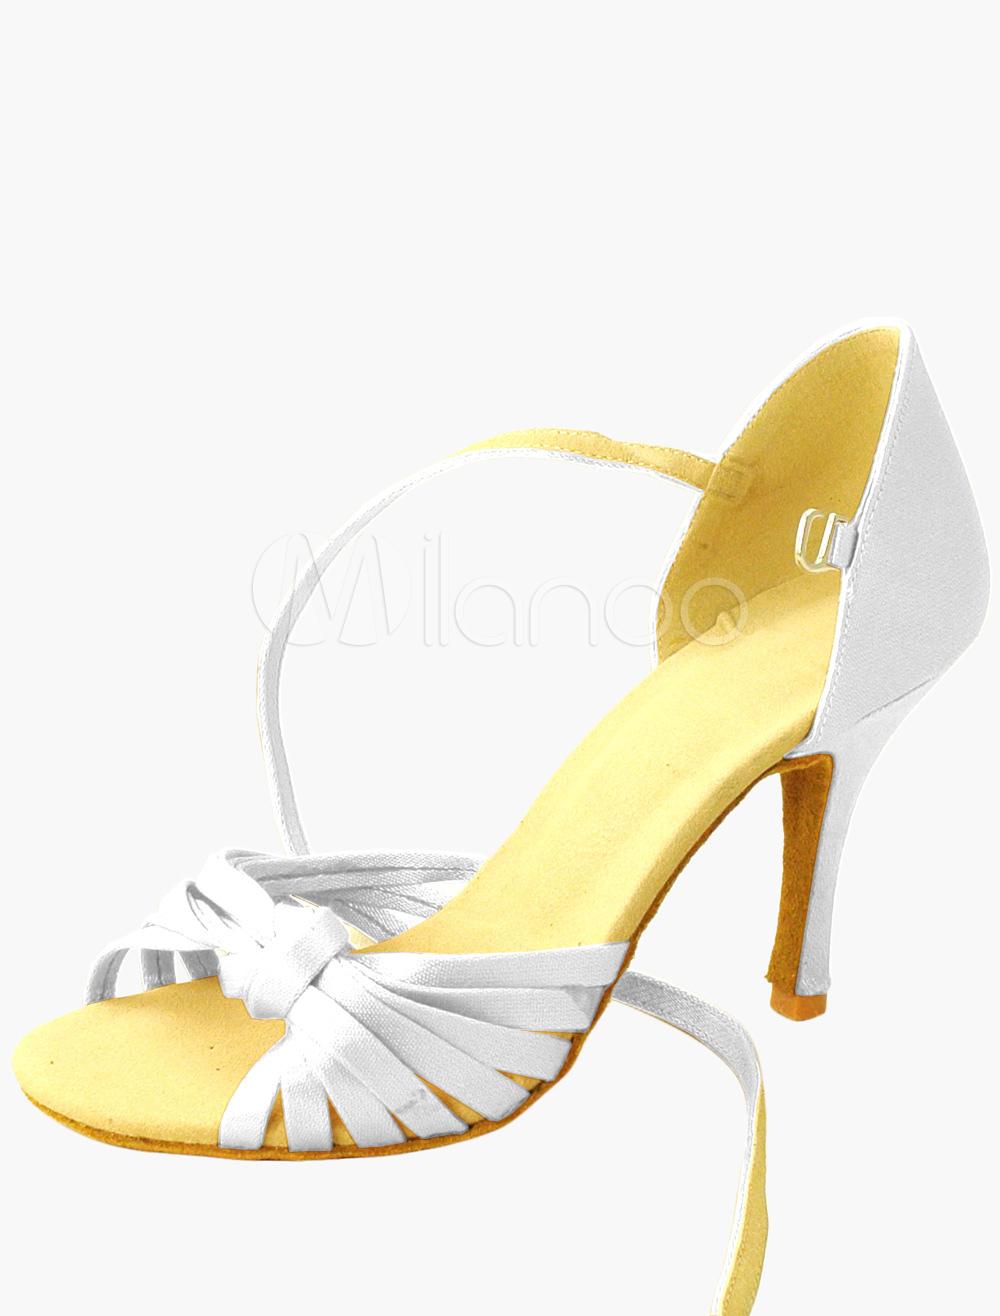 Zapatos Peep toe de seda sintética de color blanco con bordado XaJAOALip